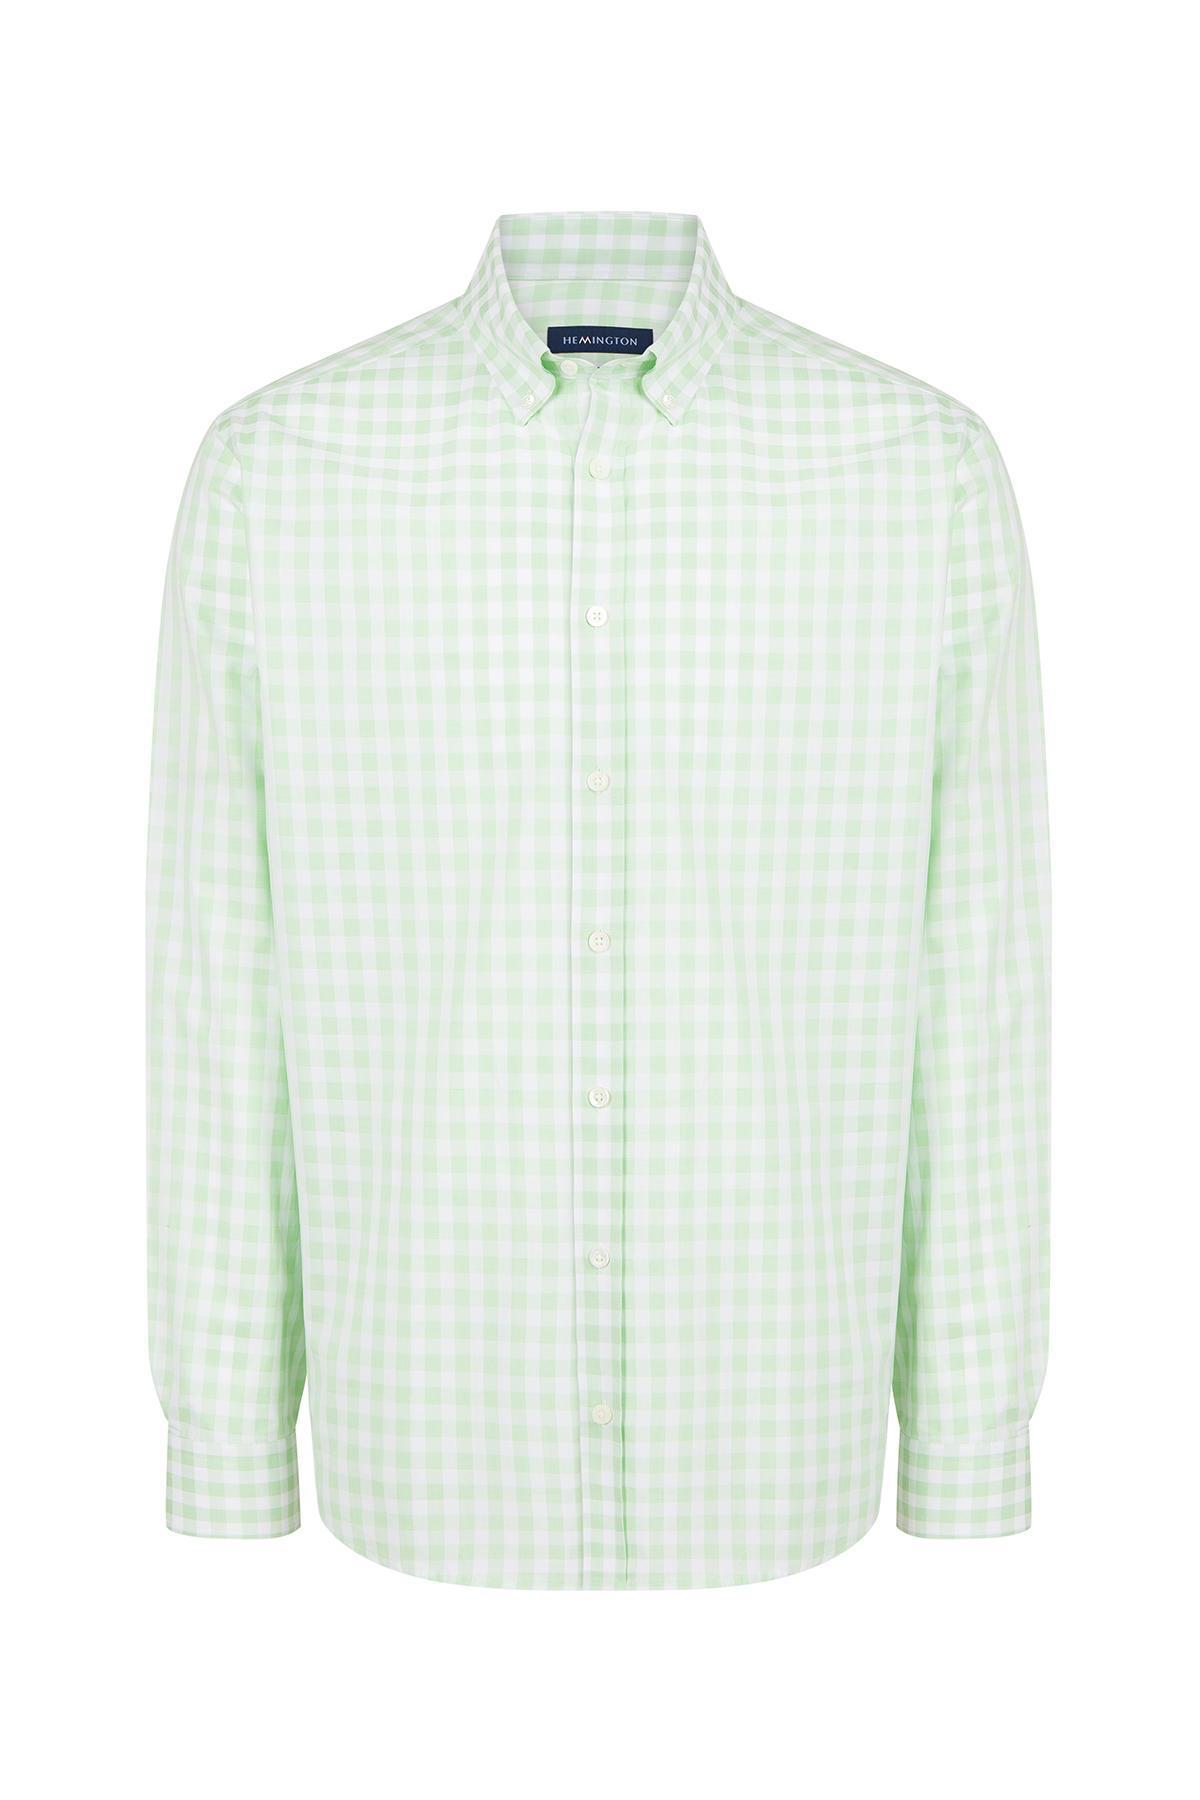 Yeşil Beyaz Kareli Spor Superfine Pamuk Gömlek